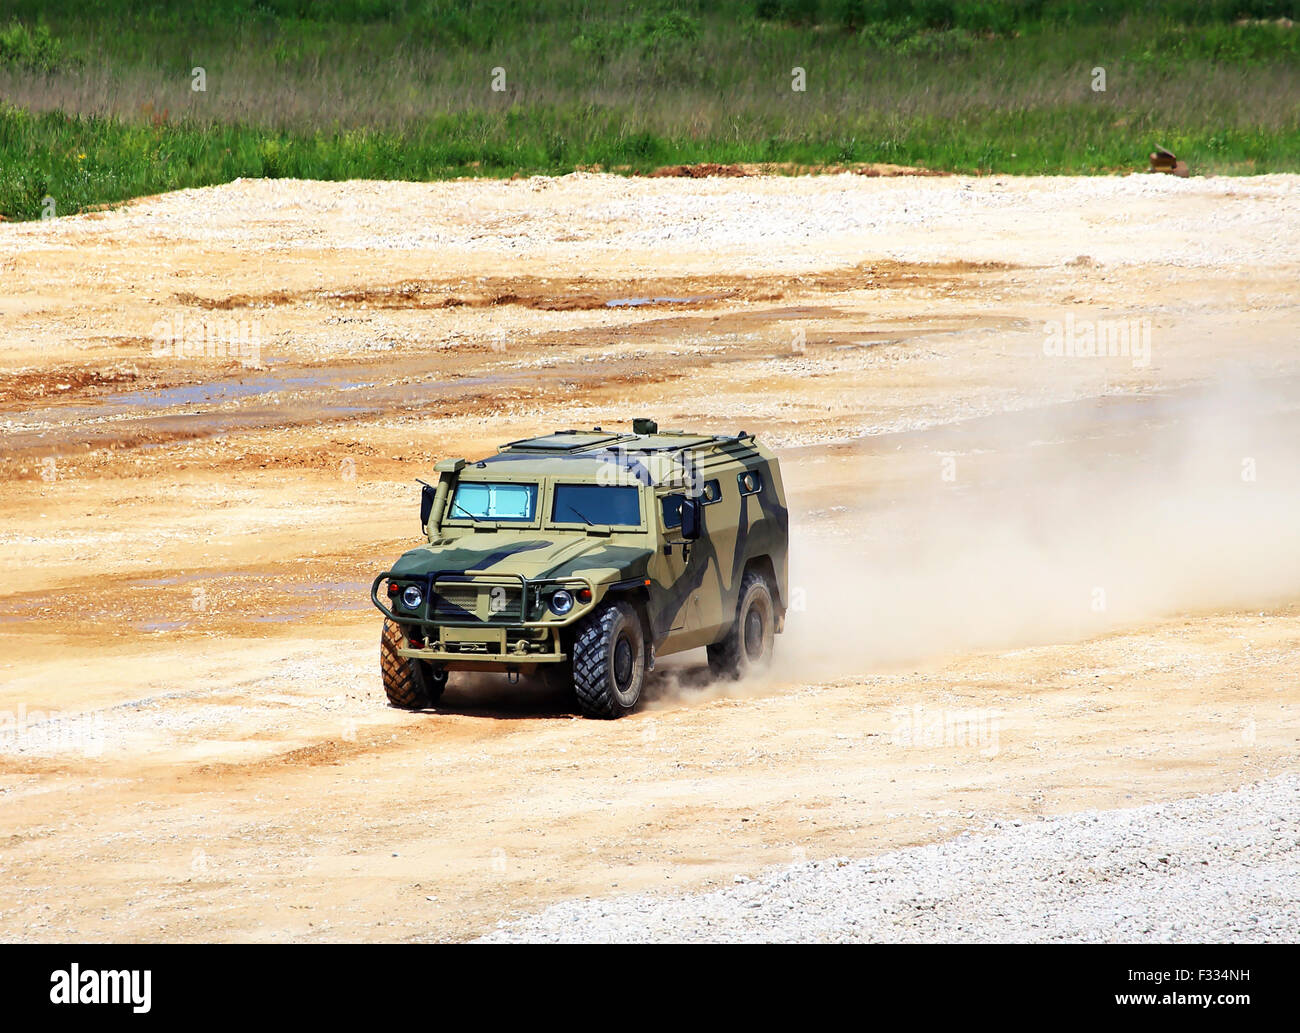 Truck Vector Stockfotos & Truck Vector Bilder - Alamy